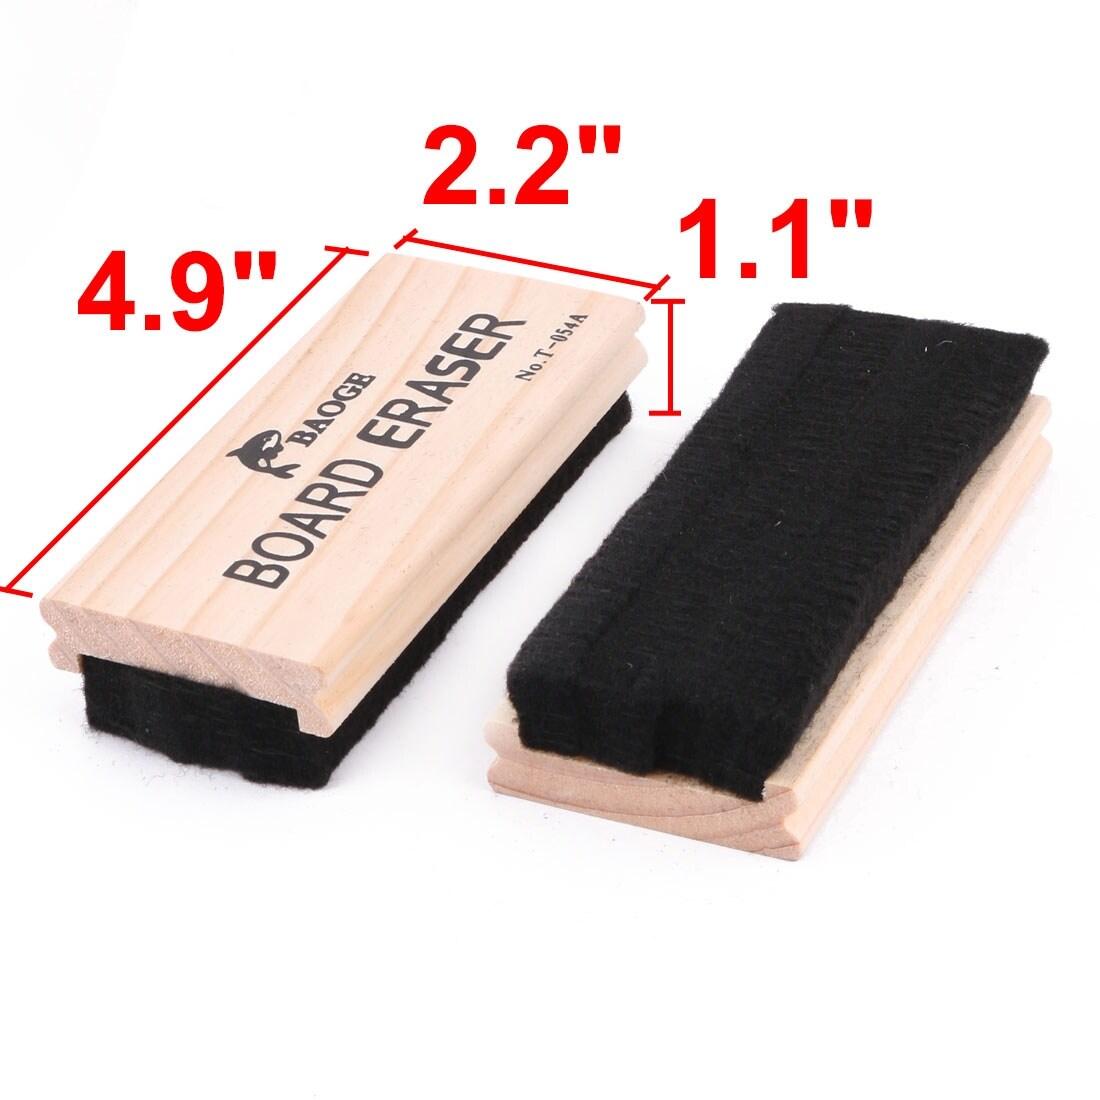 Shell Rectangle Shape Chalkboard Eraser Wood Dustless Blackboard Cxz OhVW Tydf